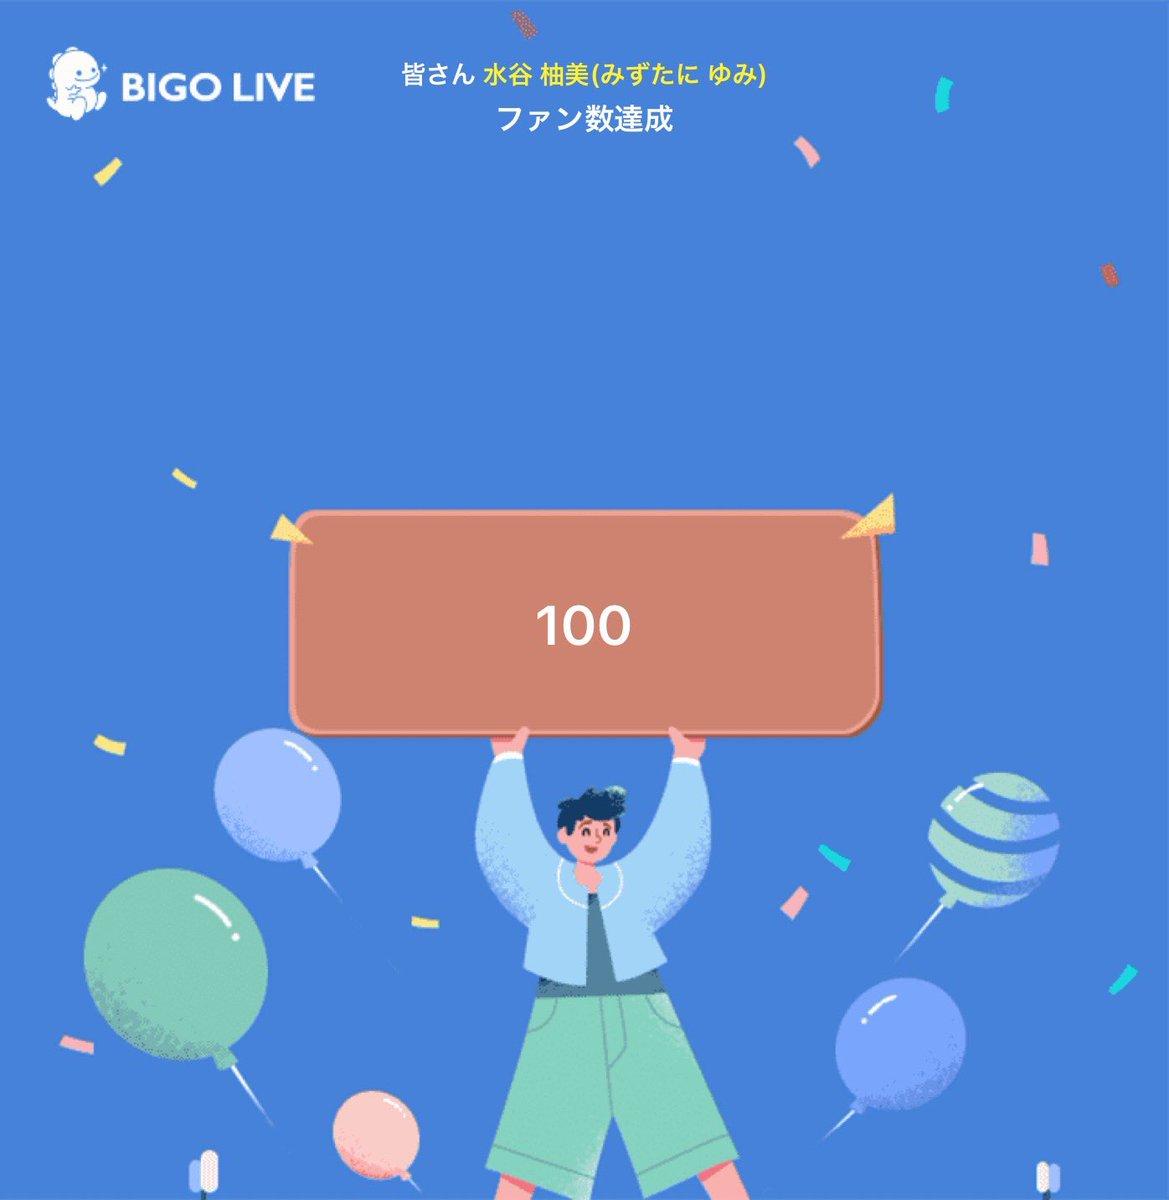 本日も配信ありがとうございましたー!そしてファン100人達成!!配信終わってみたら163人!ホンマに感謝です🙏🙏🙏今月も引き続き頑張りますのでよろしければ遊びに来てください🙇♀️↓Apple Store↓Google play Store#BIGOLIVE #配信